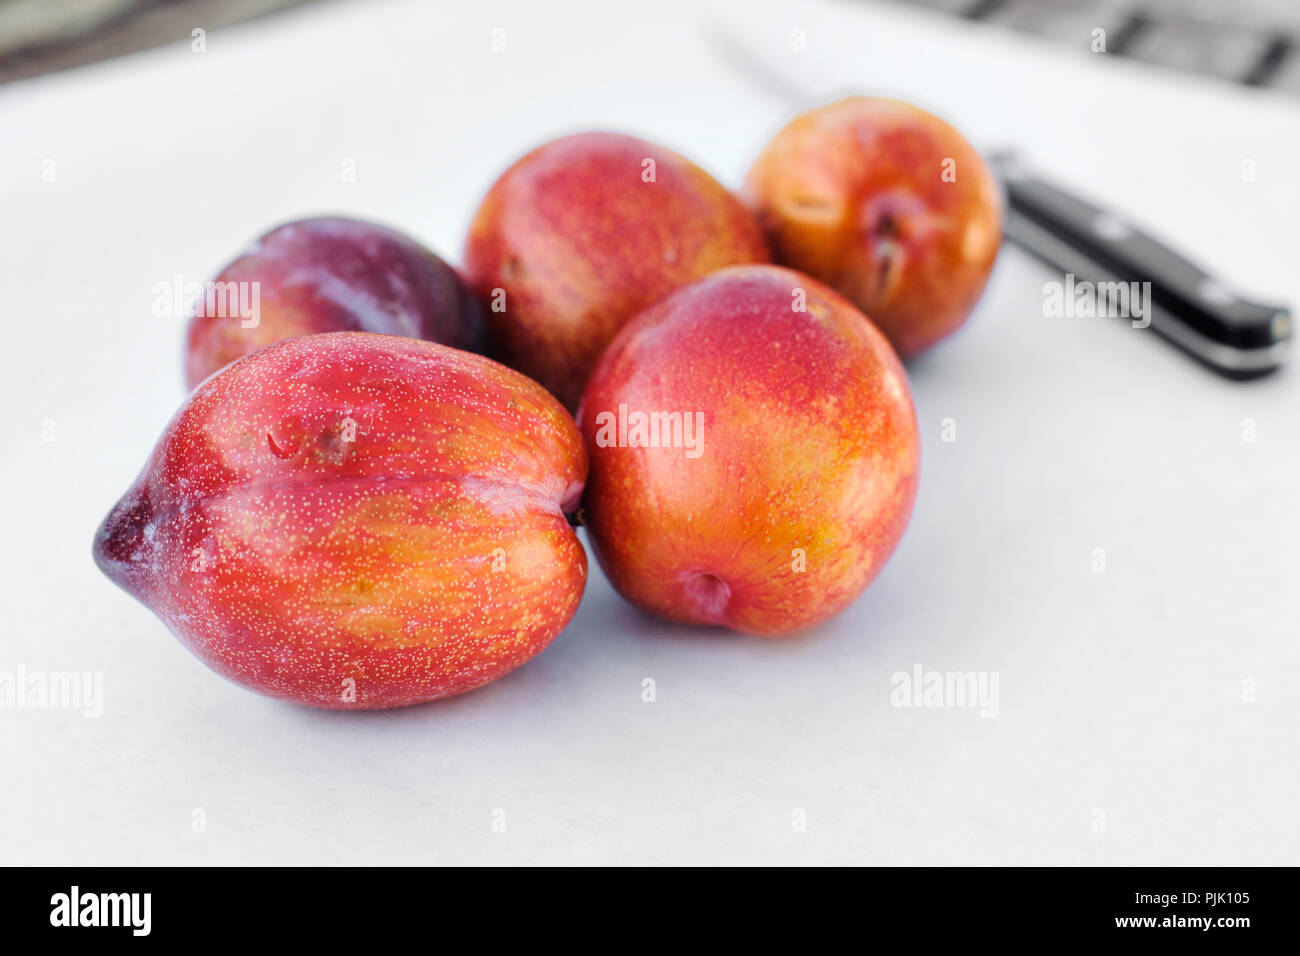 Cinco frutas pluot amigo sobre papel blanco con un cuchillo Imagen De Stock